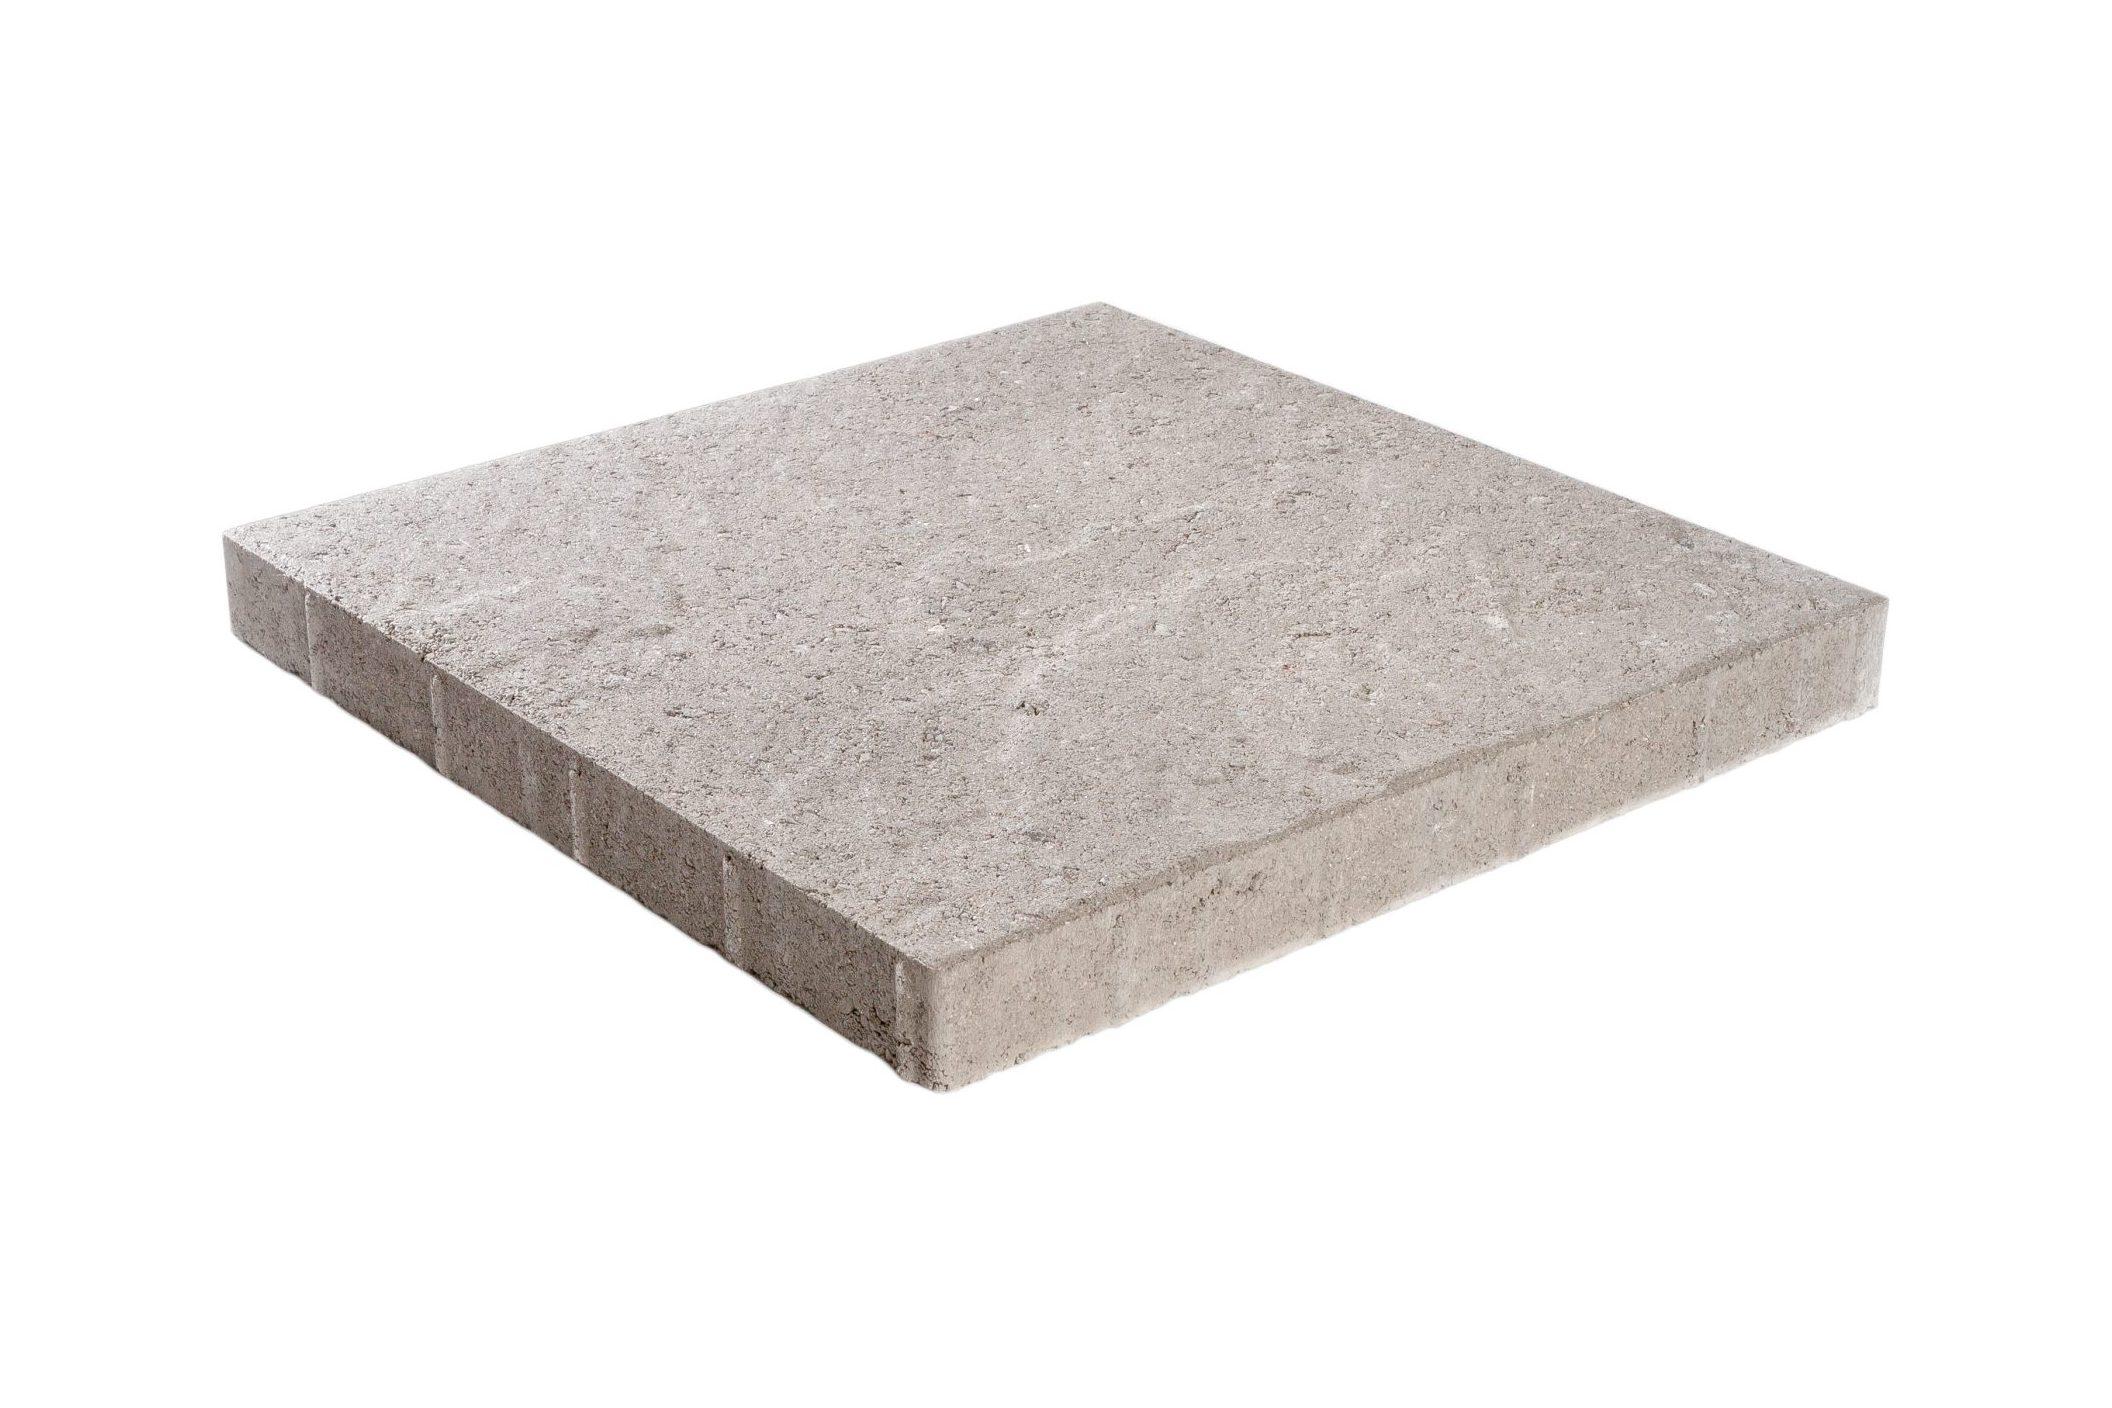 Pintaprofiloitu betonilaatta 498x498x50 harmaa